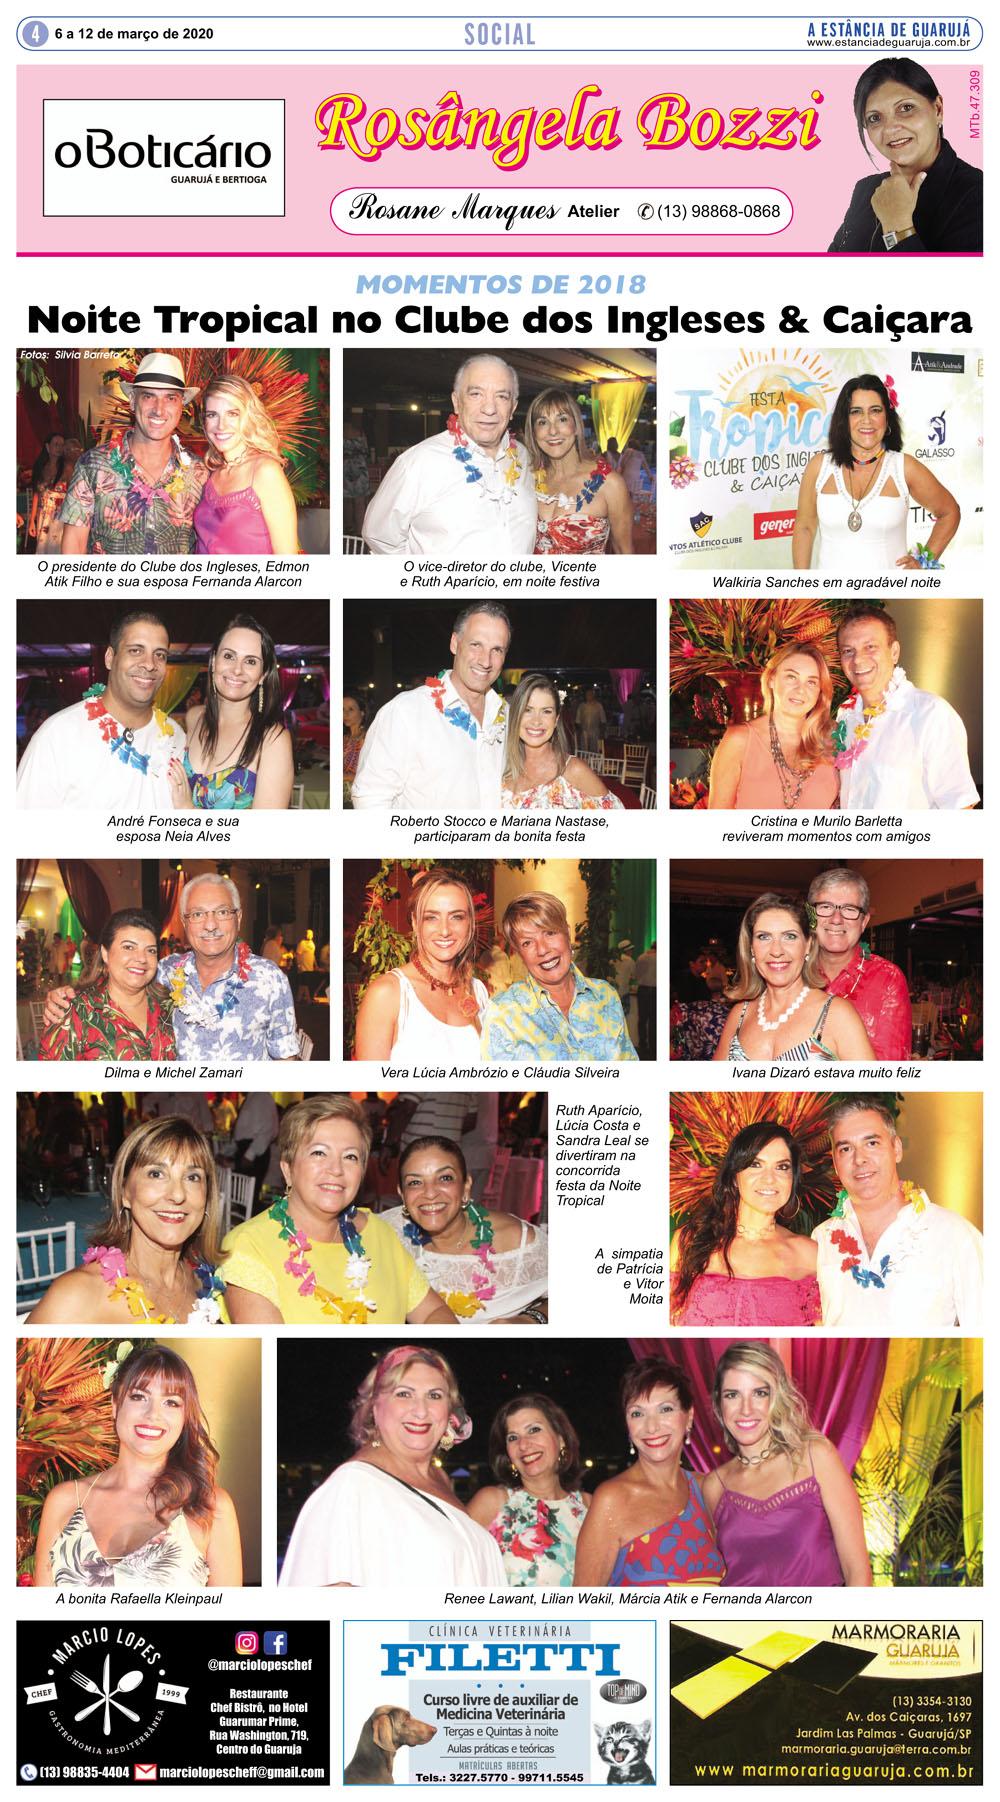 Noite Tropical no Clube dos Ingleses & Caiçara